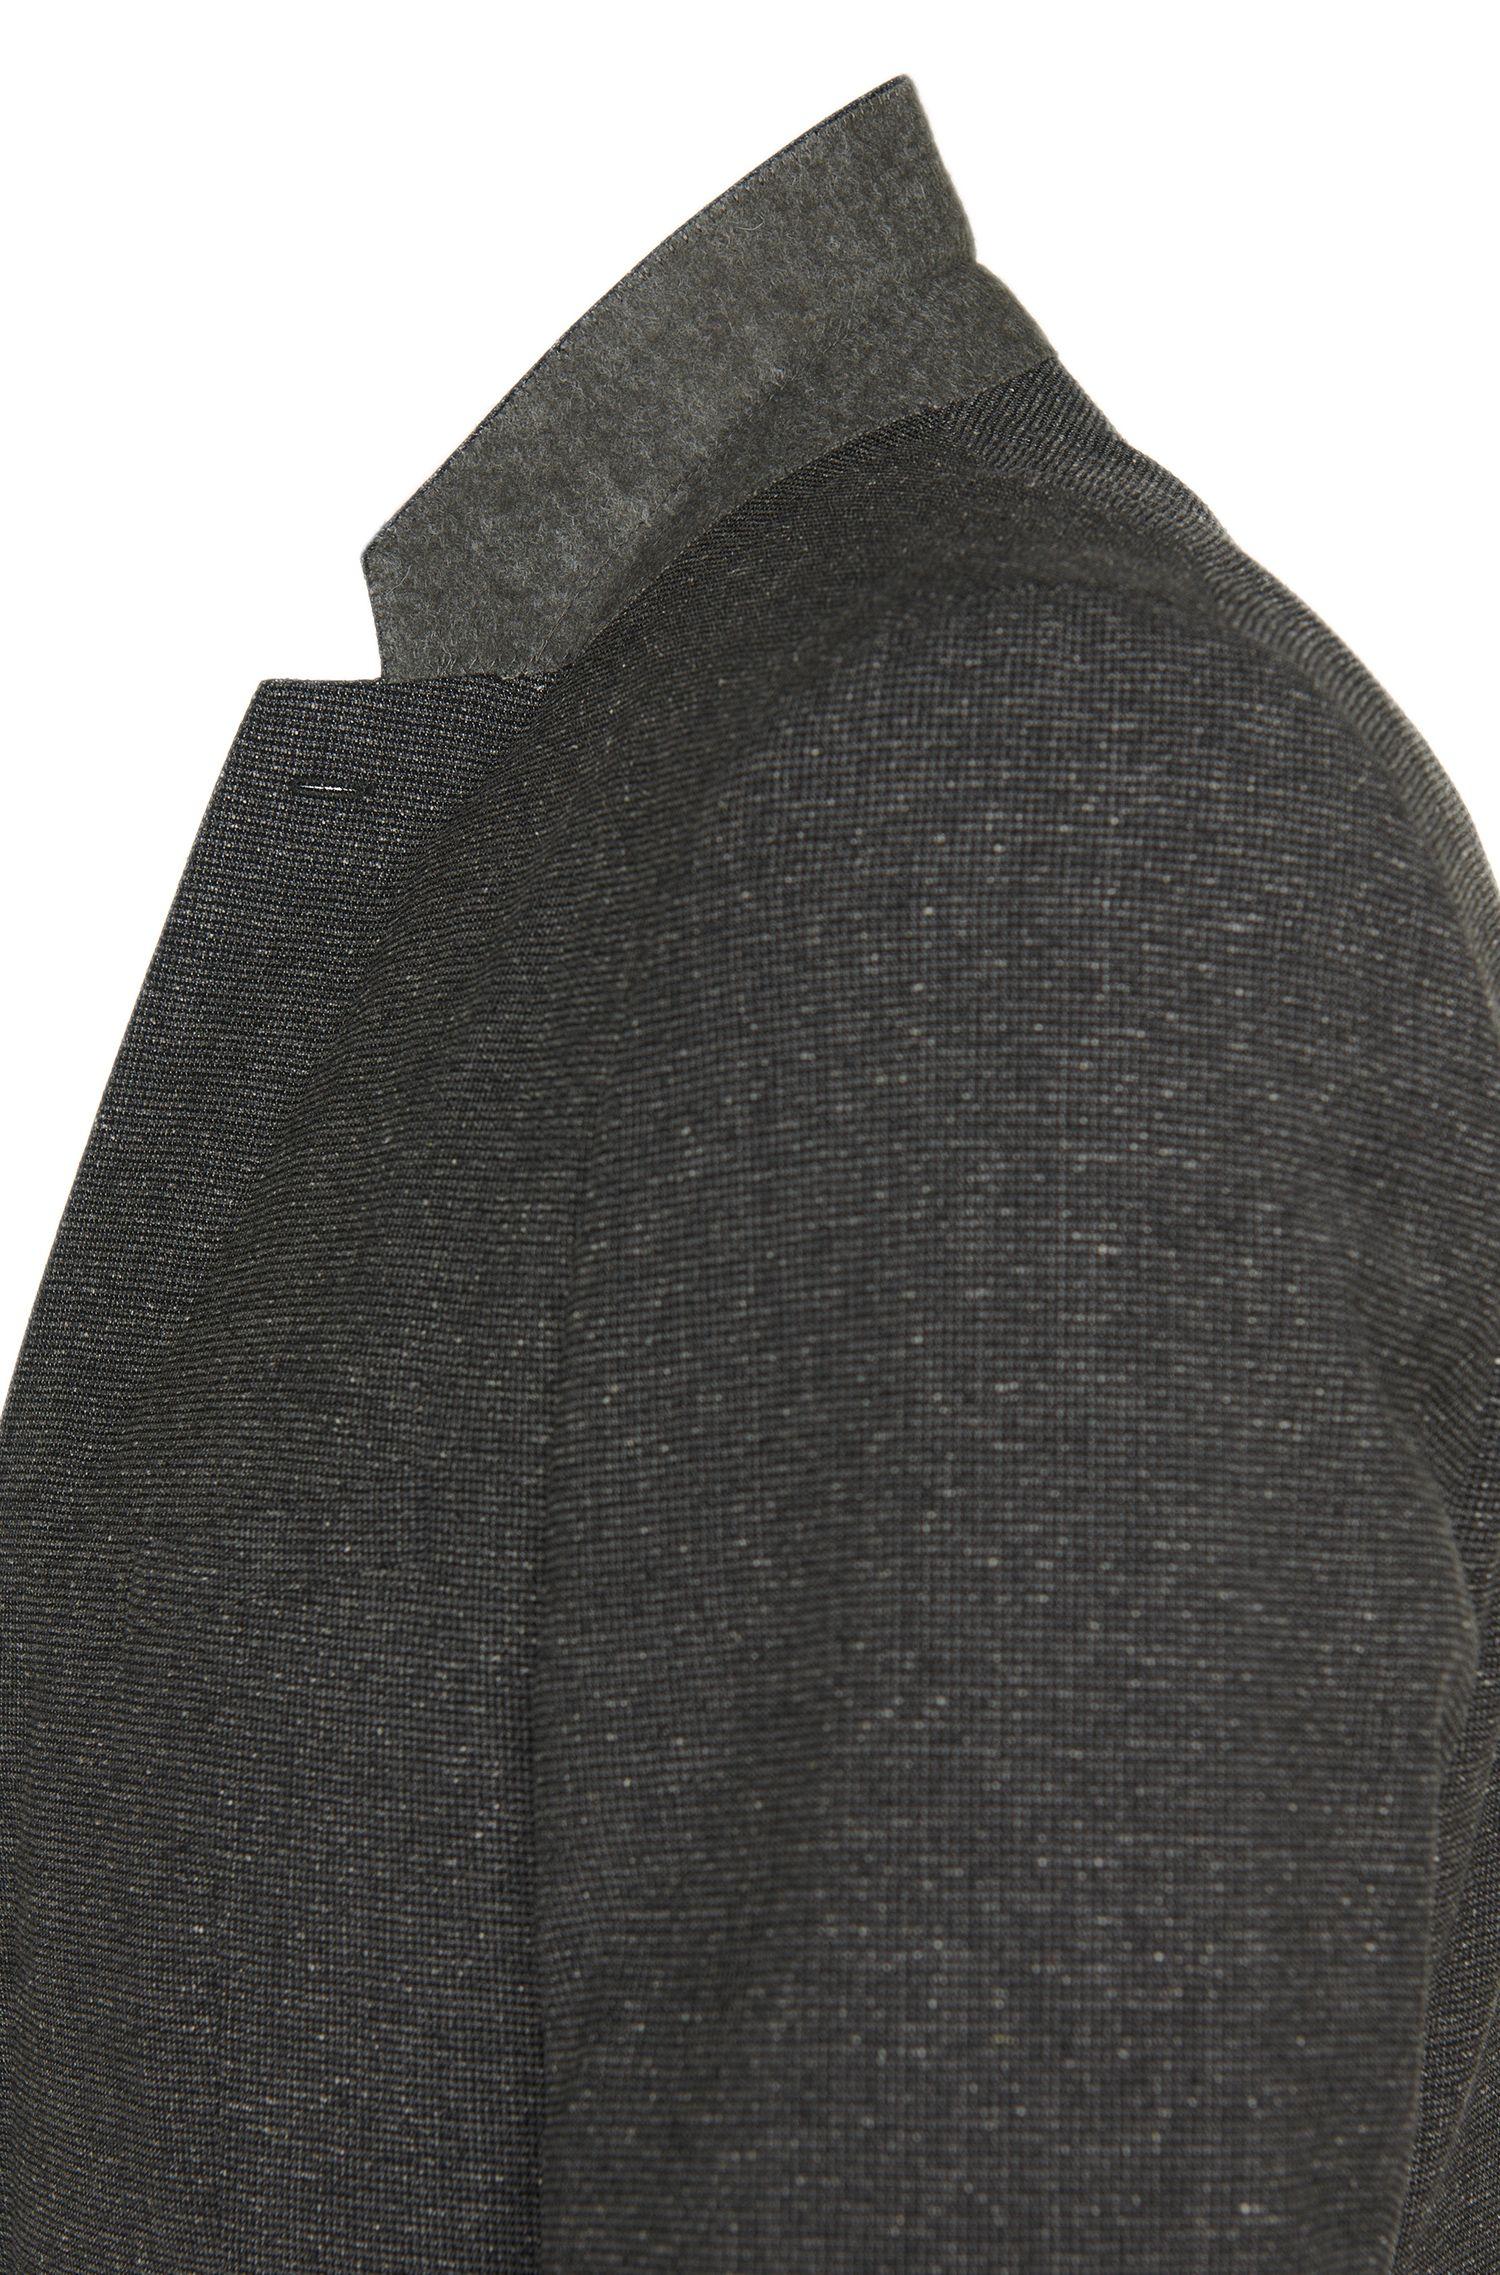 Fein karierter Slim-Fit Anzug aus Schurwoll-Mix mit Seide: 'Alid/Wyll/Hilor'